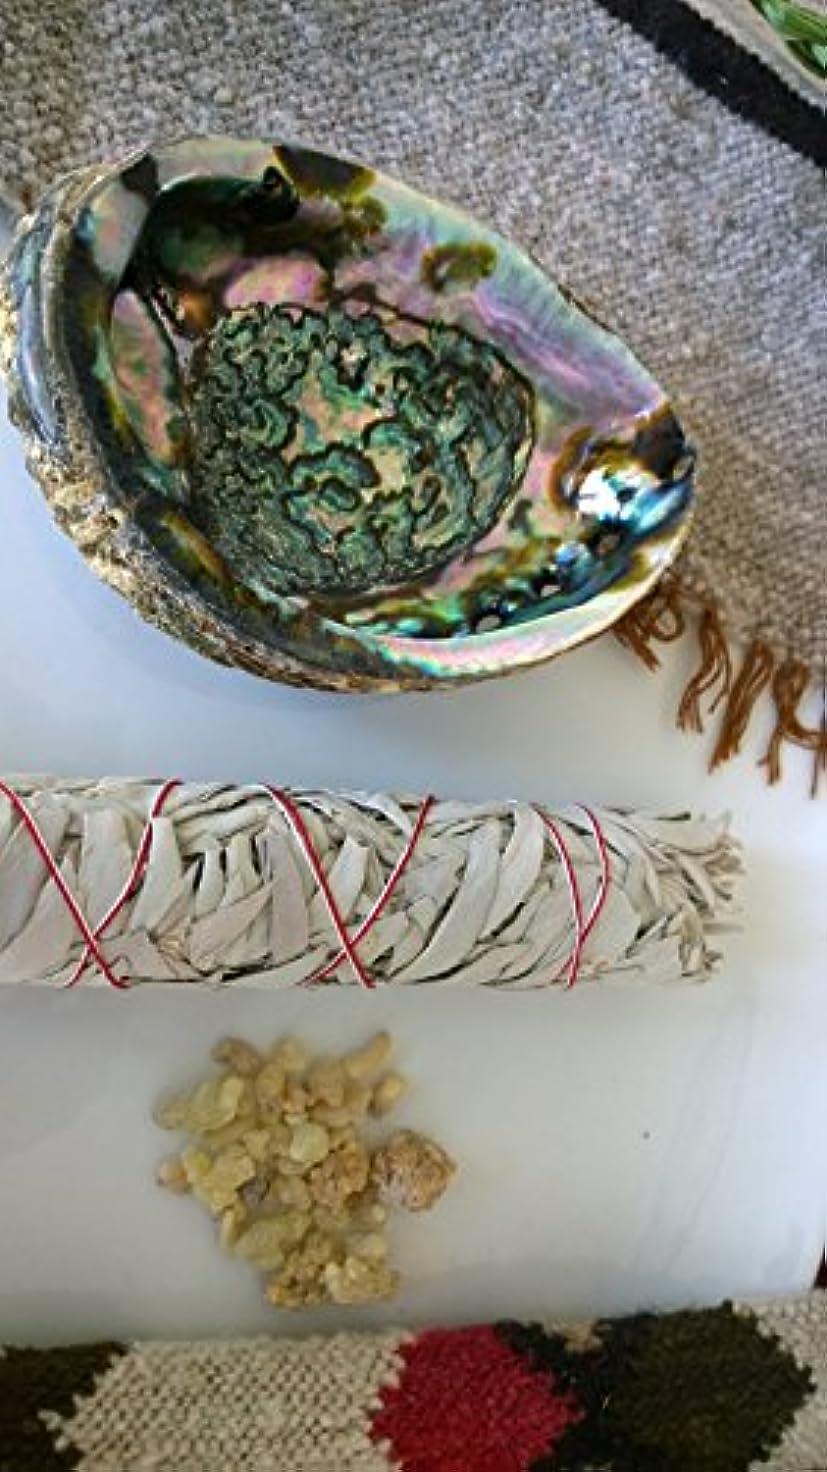 ホワイトセージスマッジキット、Abalone Shell , Frankincense Tears、クレンジングPurifying Clearing Wiccan Incense Gift Smudging